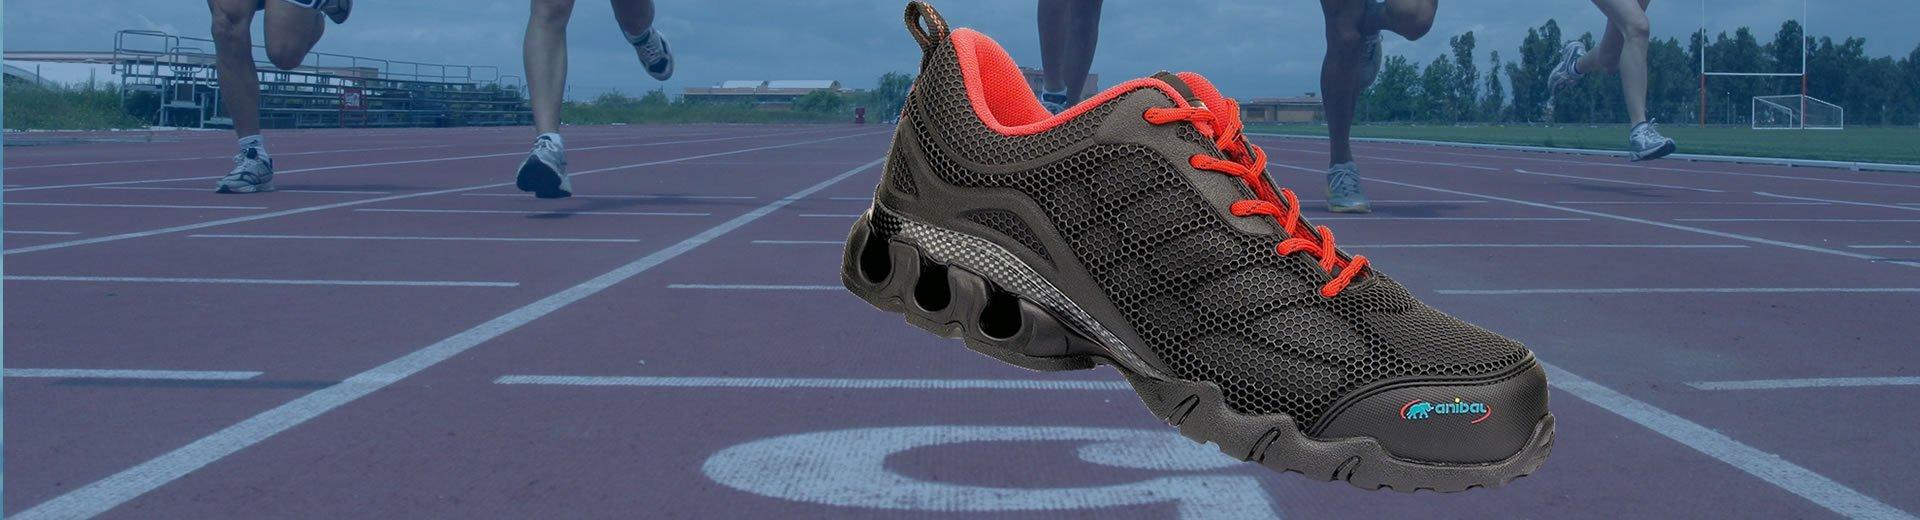 ¿Has visto los nuevos calzados de seguridad?